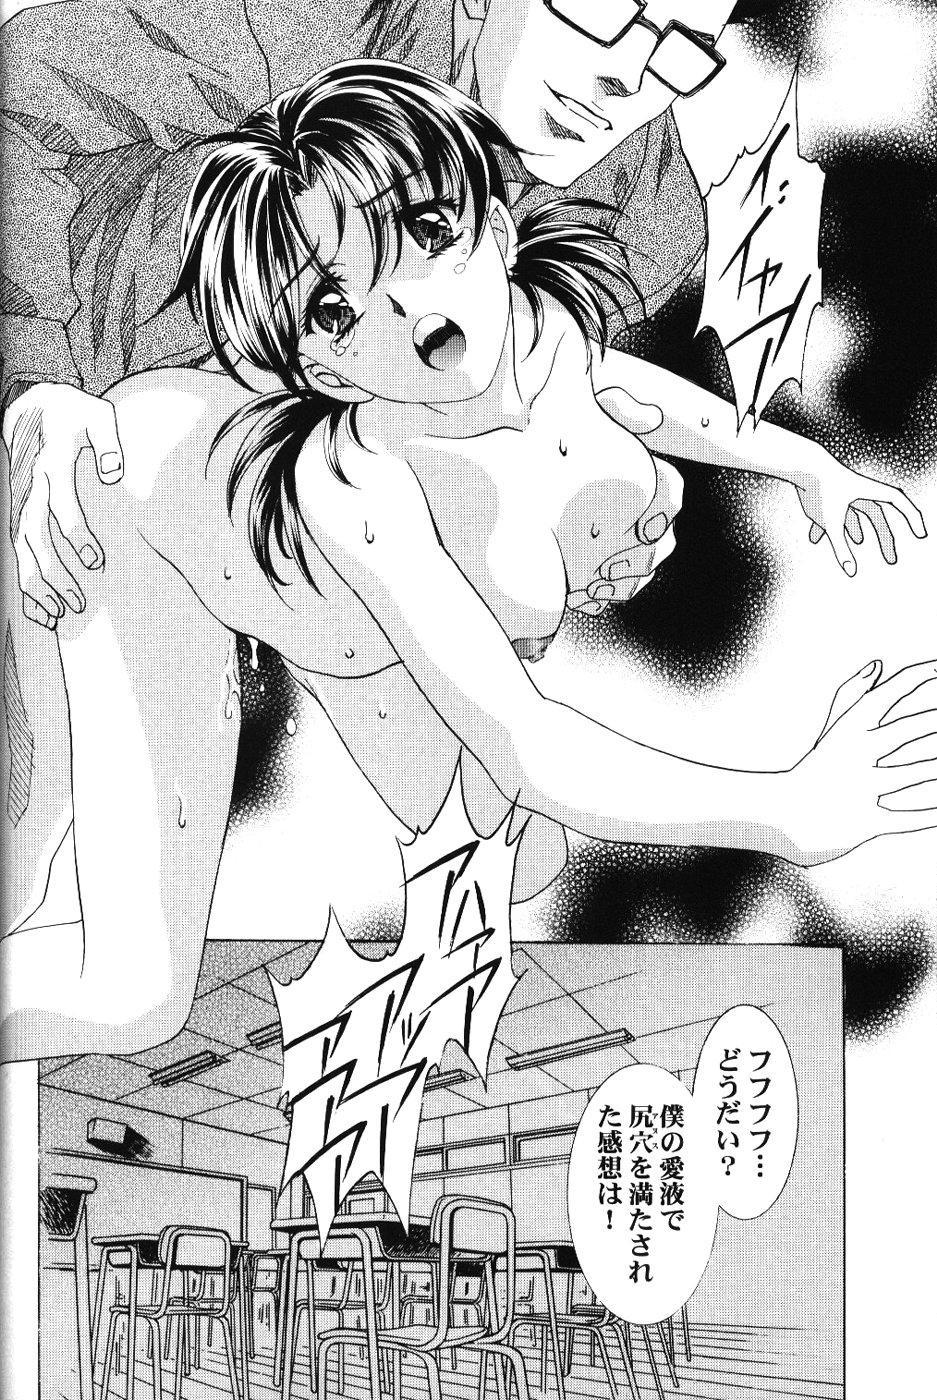 Ayanami Club 3 38